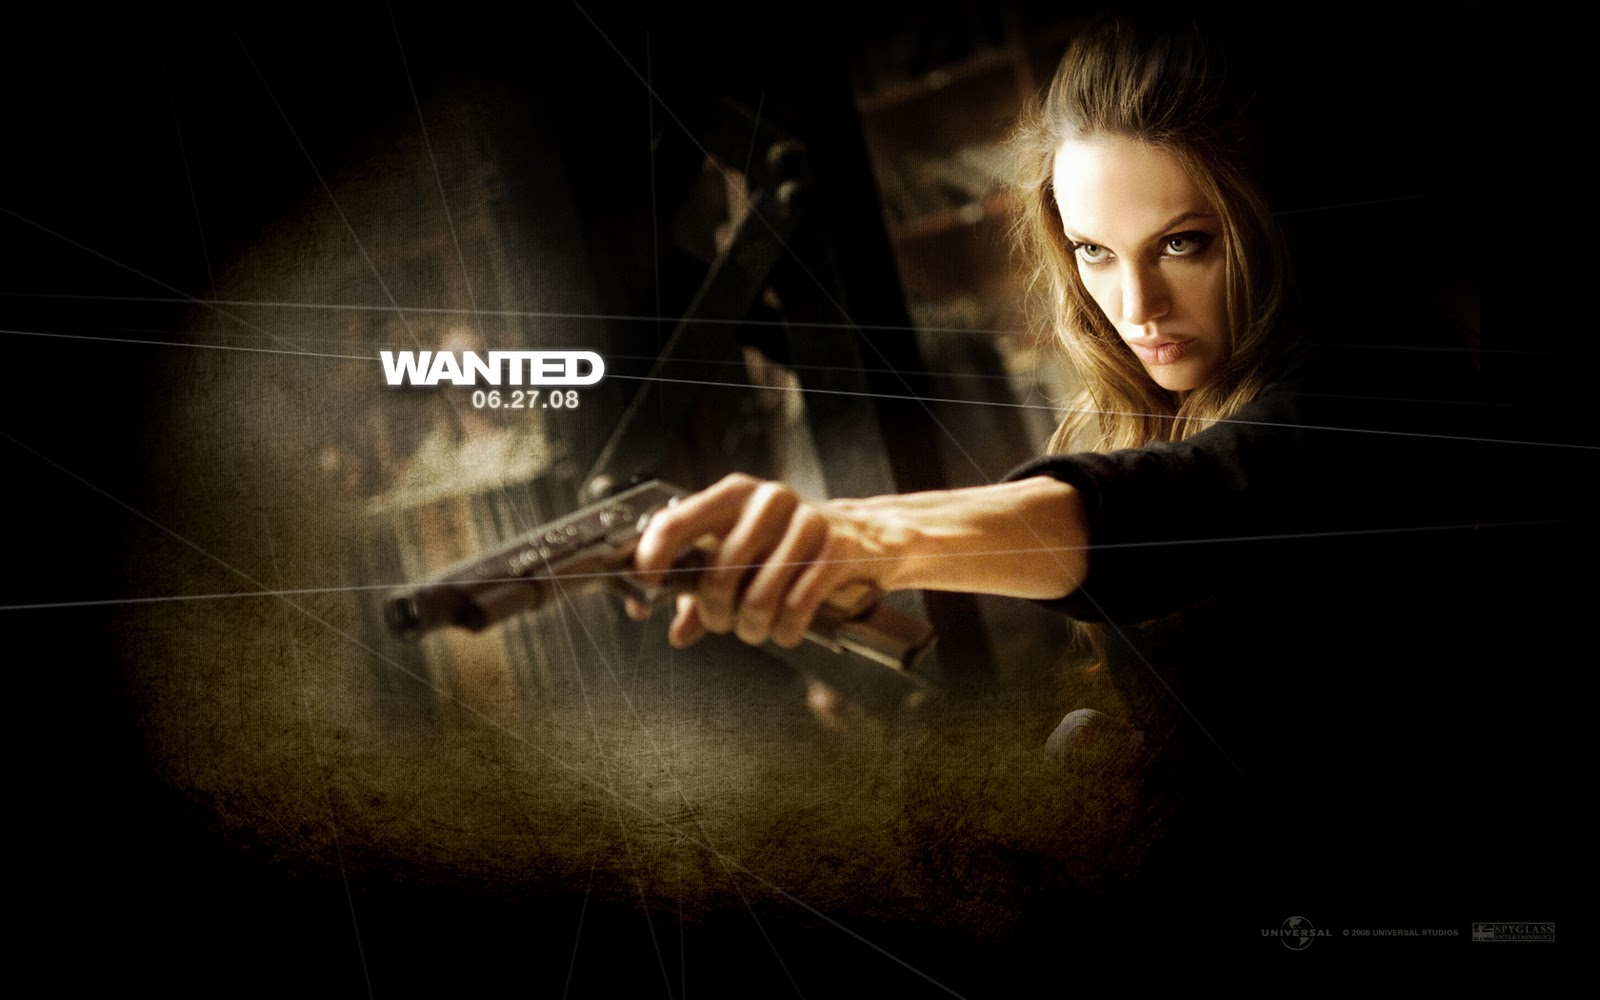 http://1.bp.blogspot.com/_FXaEw39p3k8/TPFOZBlaA9I/AAAAAAAAAa8/gVeBBcs4228/s1600/Angelina-Jolie-Wanted-Movie-Wallpaper.jpg